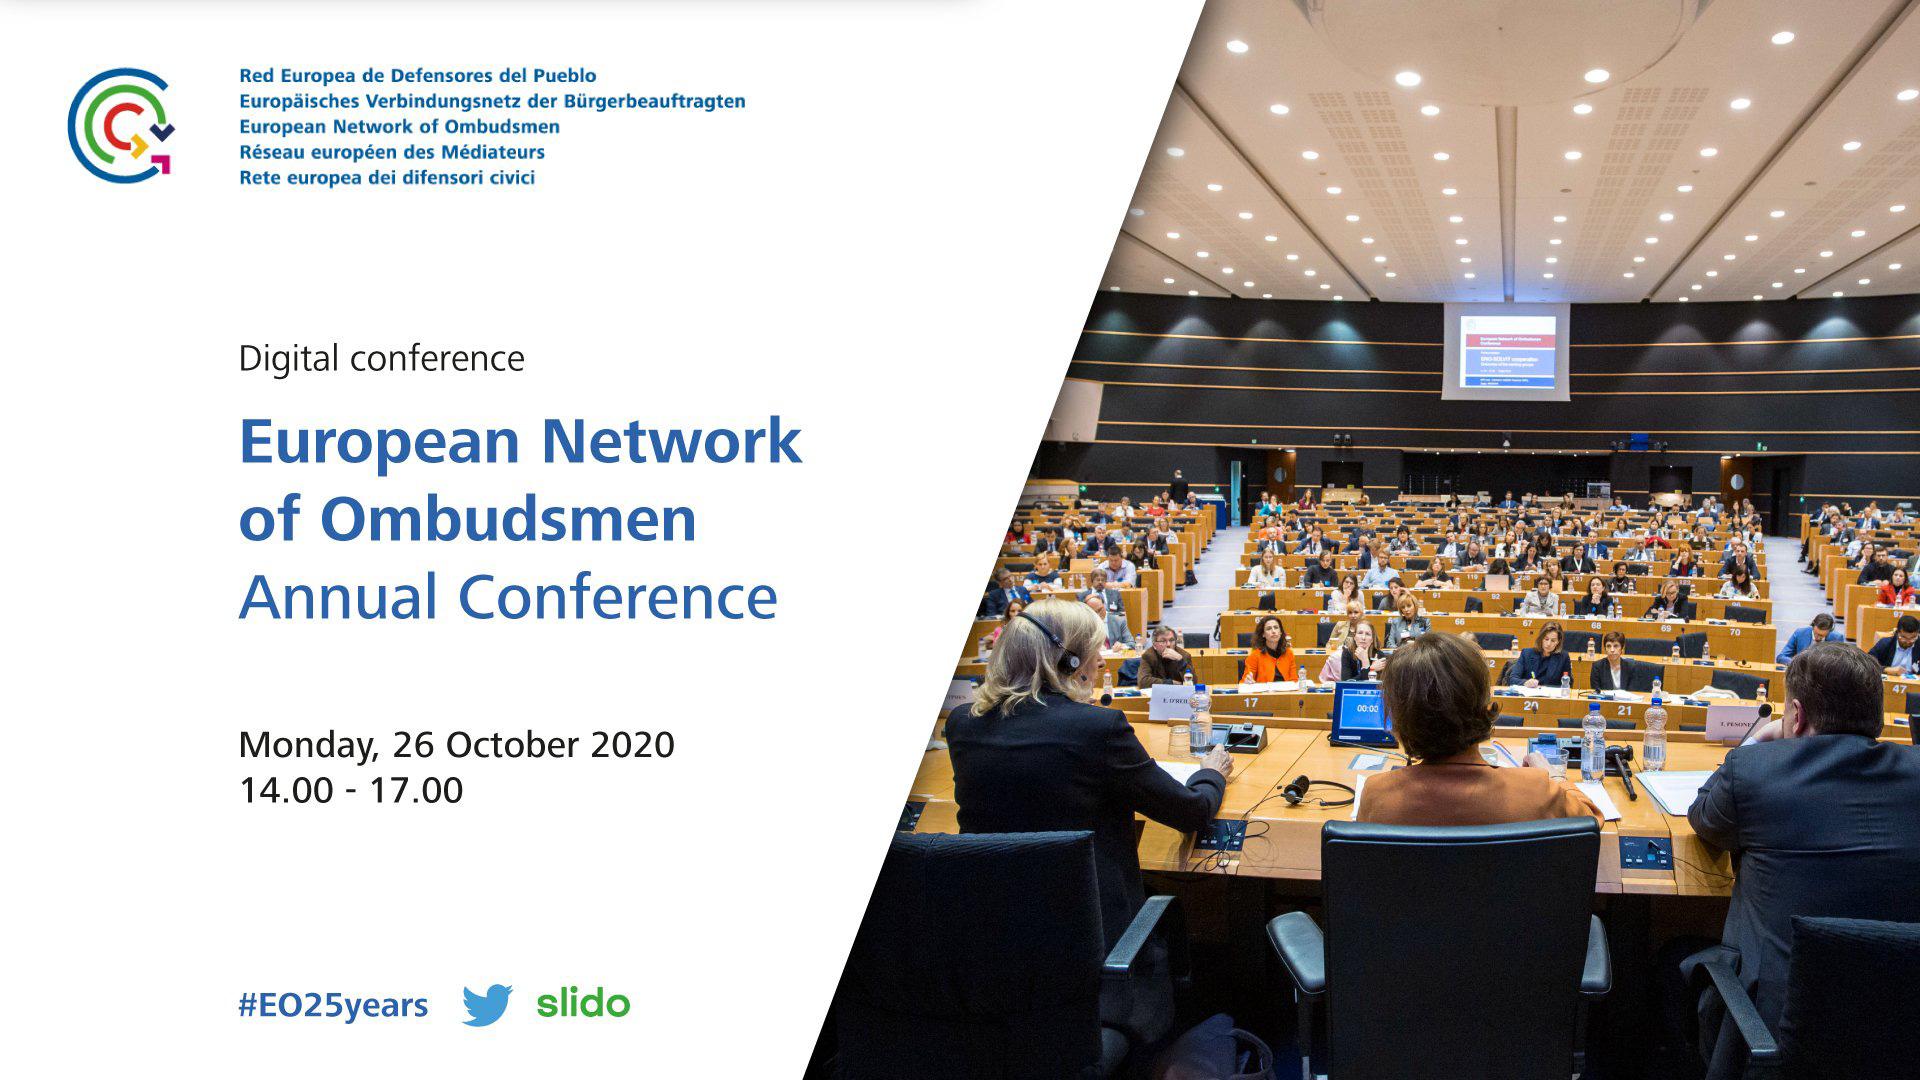 Europäisches Verbindungsnetz der Bürgerbeauftragten